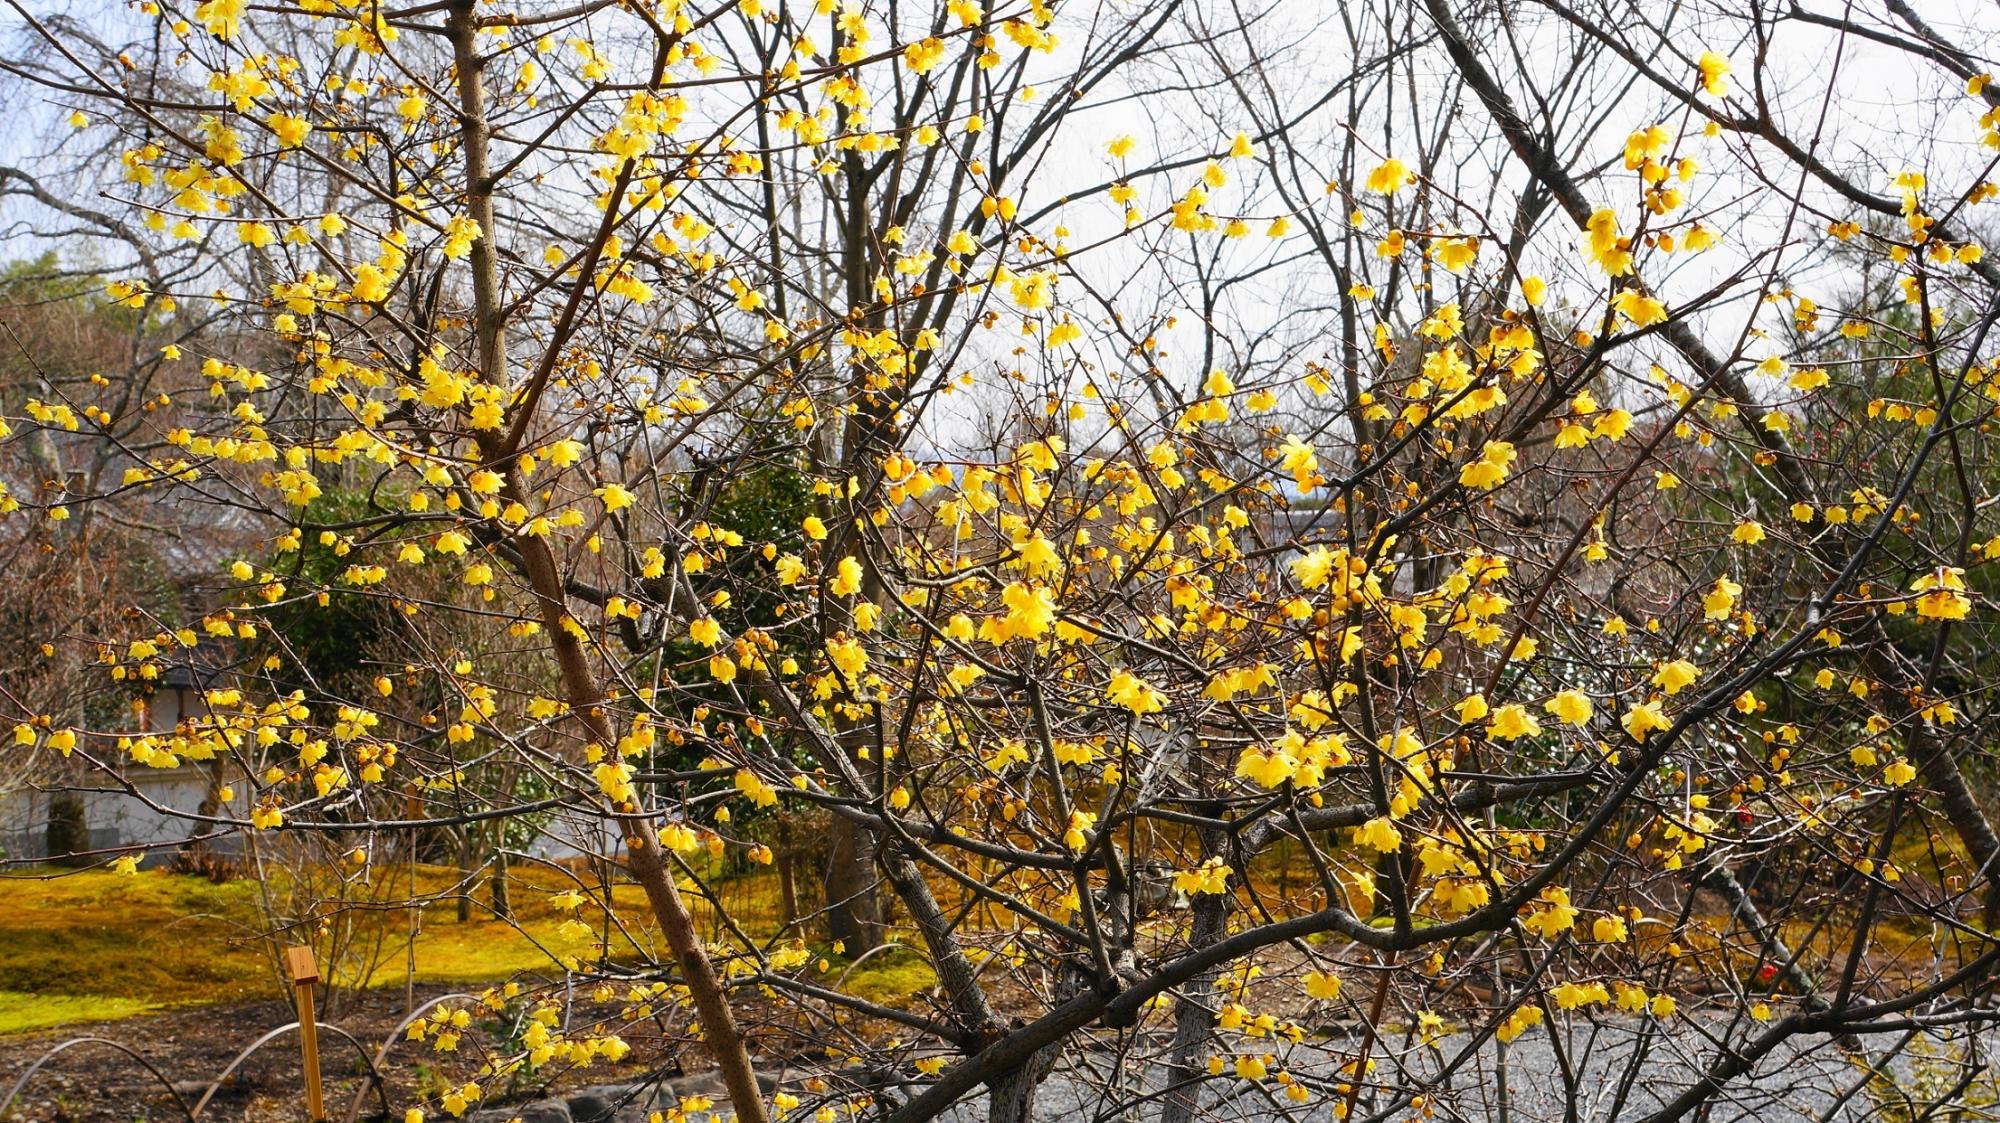 「梅」とつくも梅とは別の種類の木の蝋梅(ロウバイ)